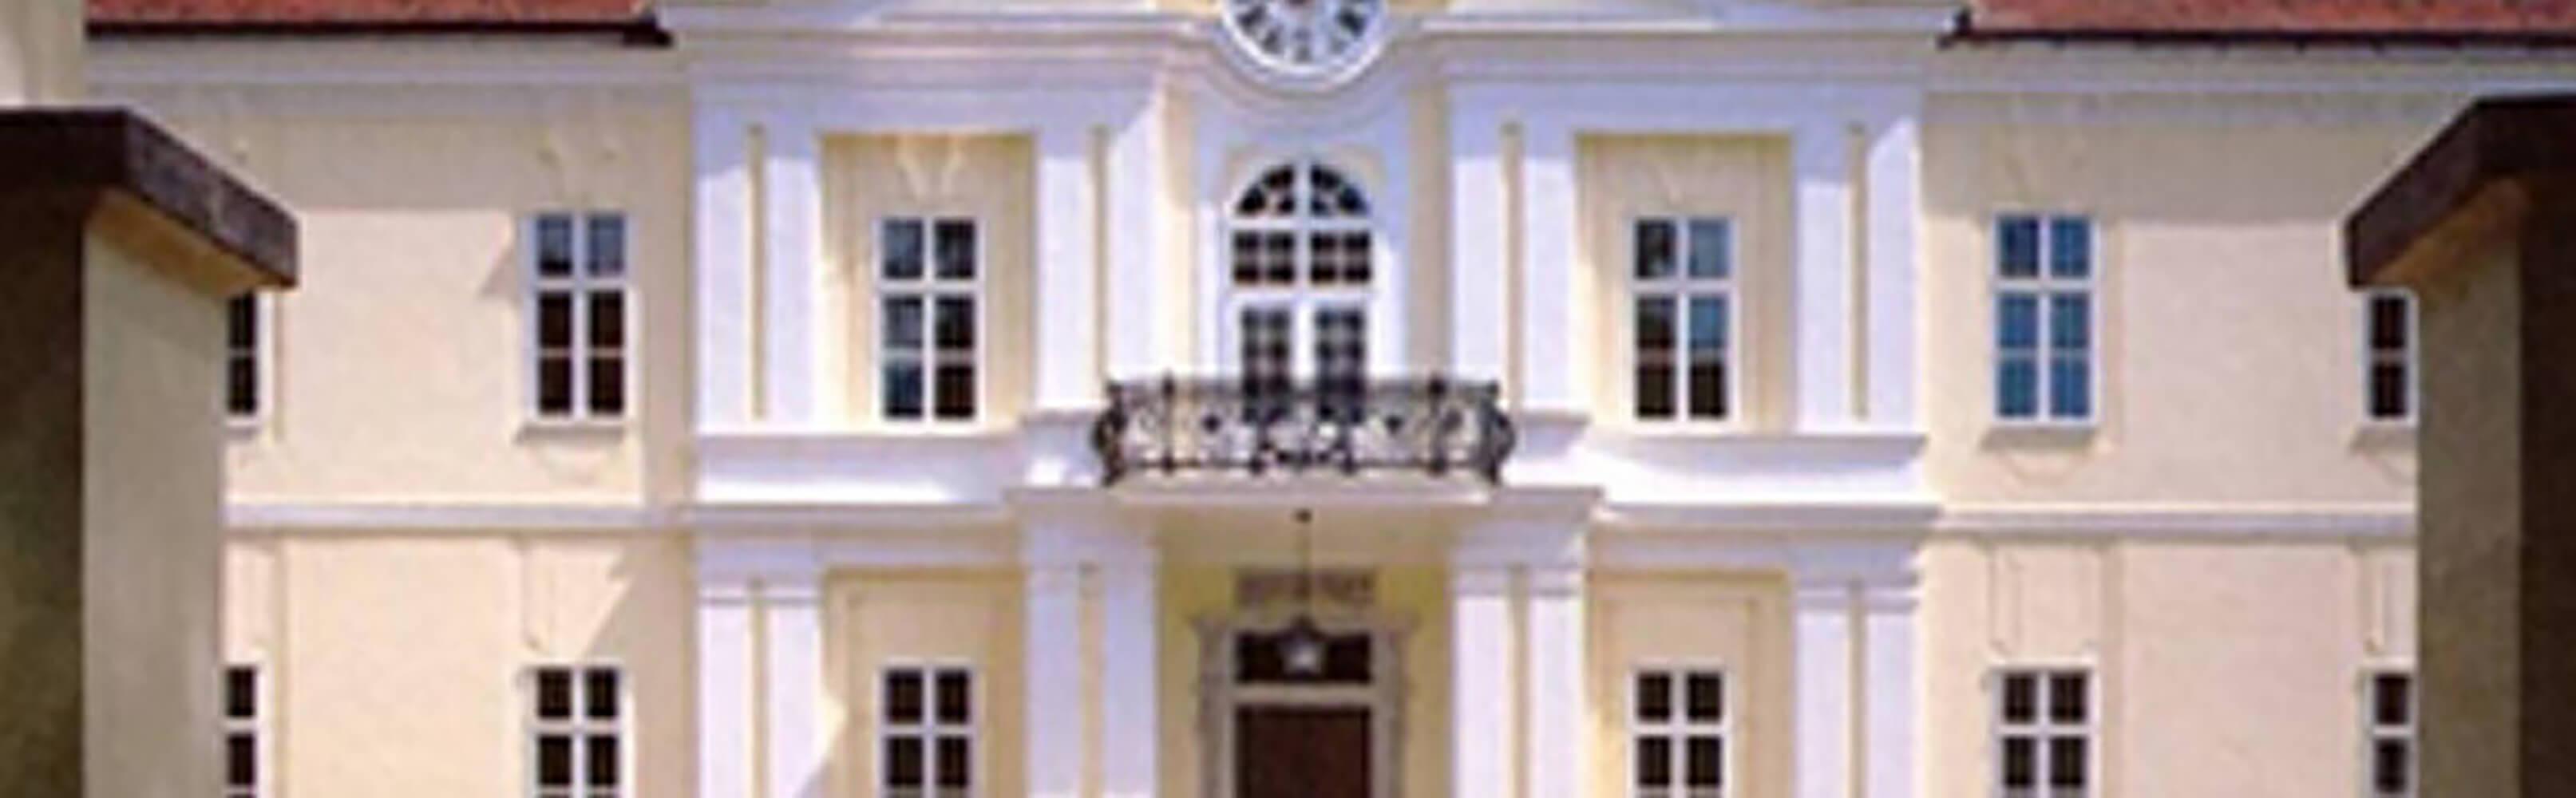 Liechtenstein Schloss Wilfersdorf 1